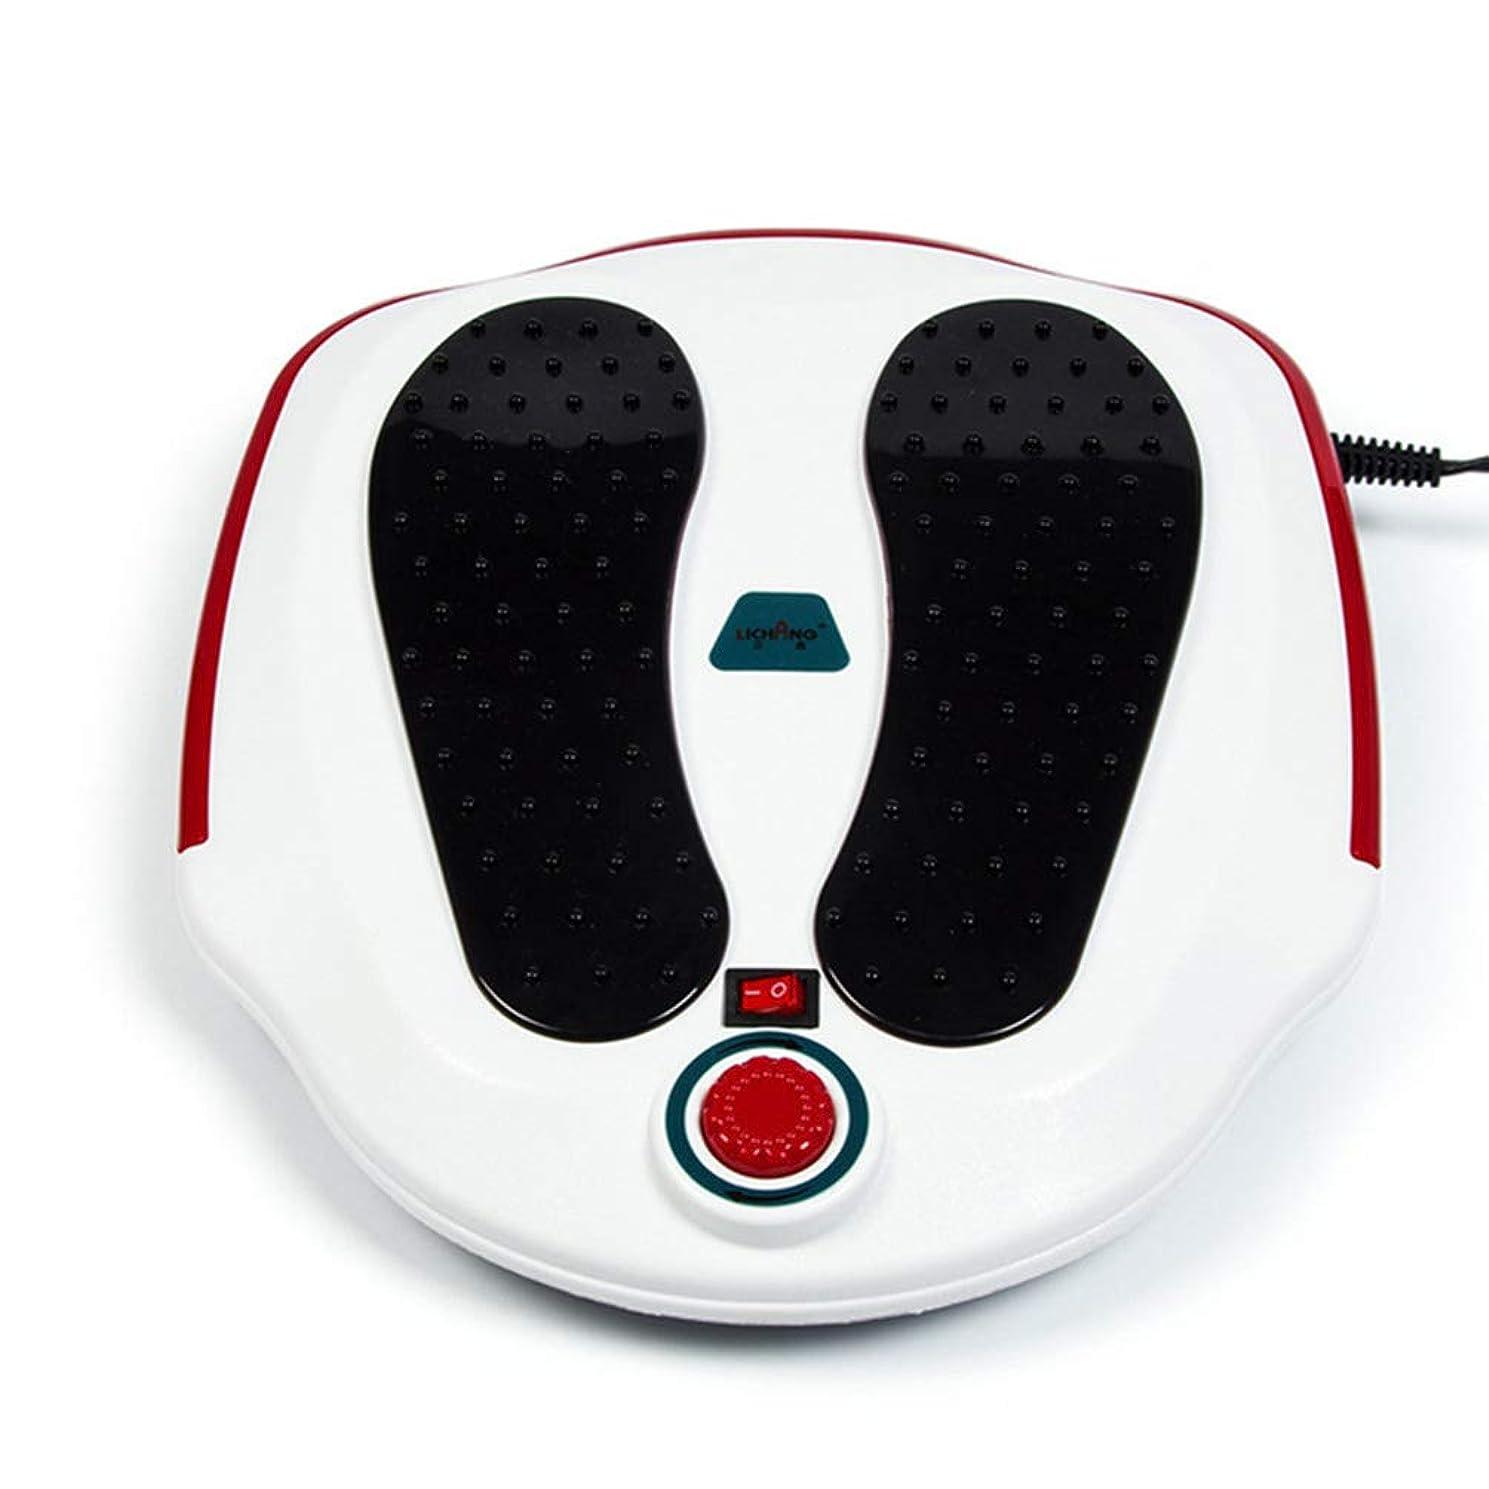 オレンジハシービルマ電気の フットマッサージャー、フルフットマッサージエクスペリエンス用ABS素材、循環系の改善、硬い筋肉の柔らかさ、痛みの緩和治療。 人間工学的デザイン